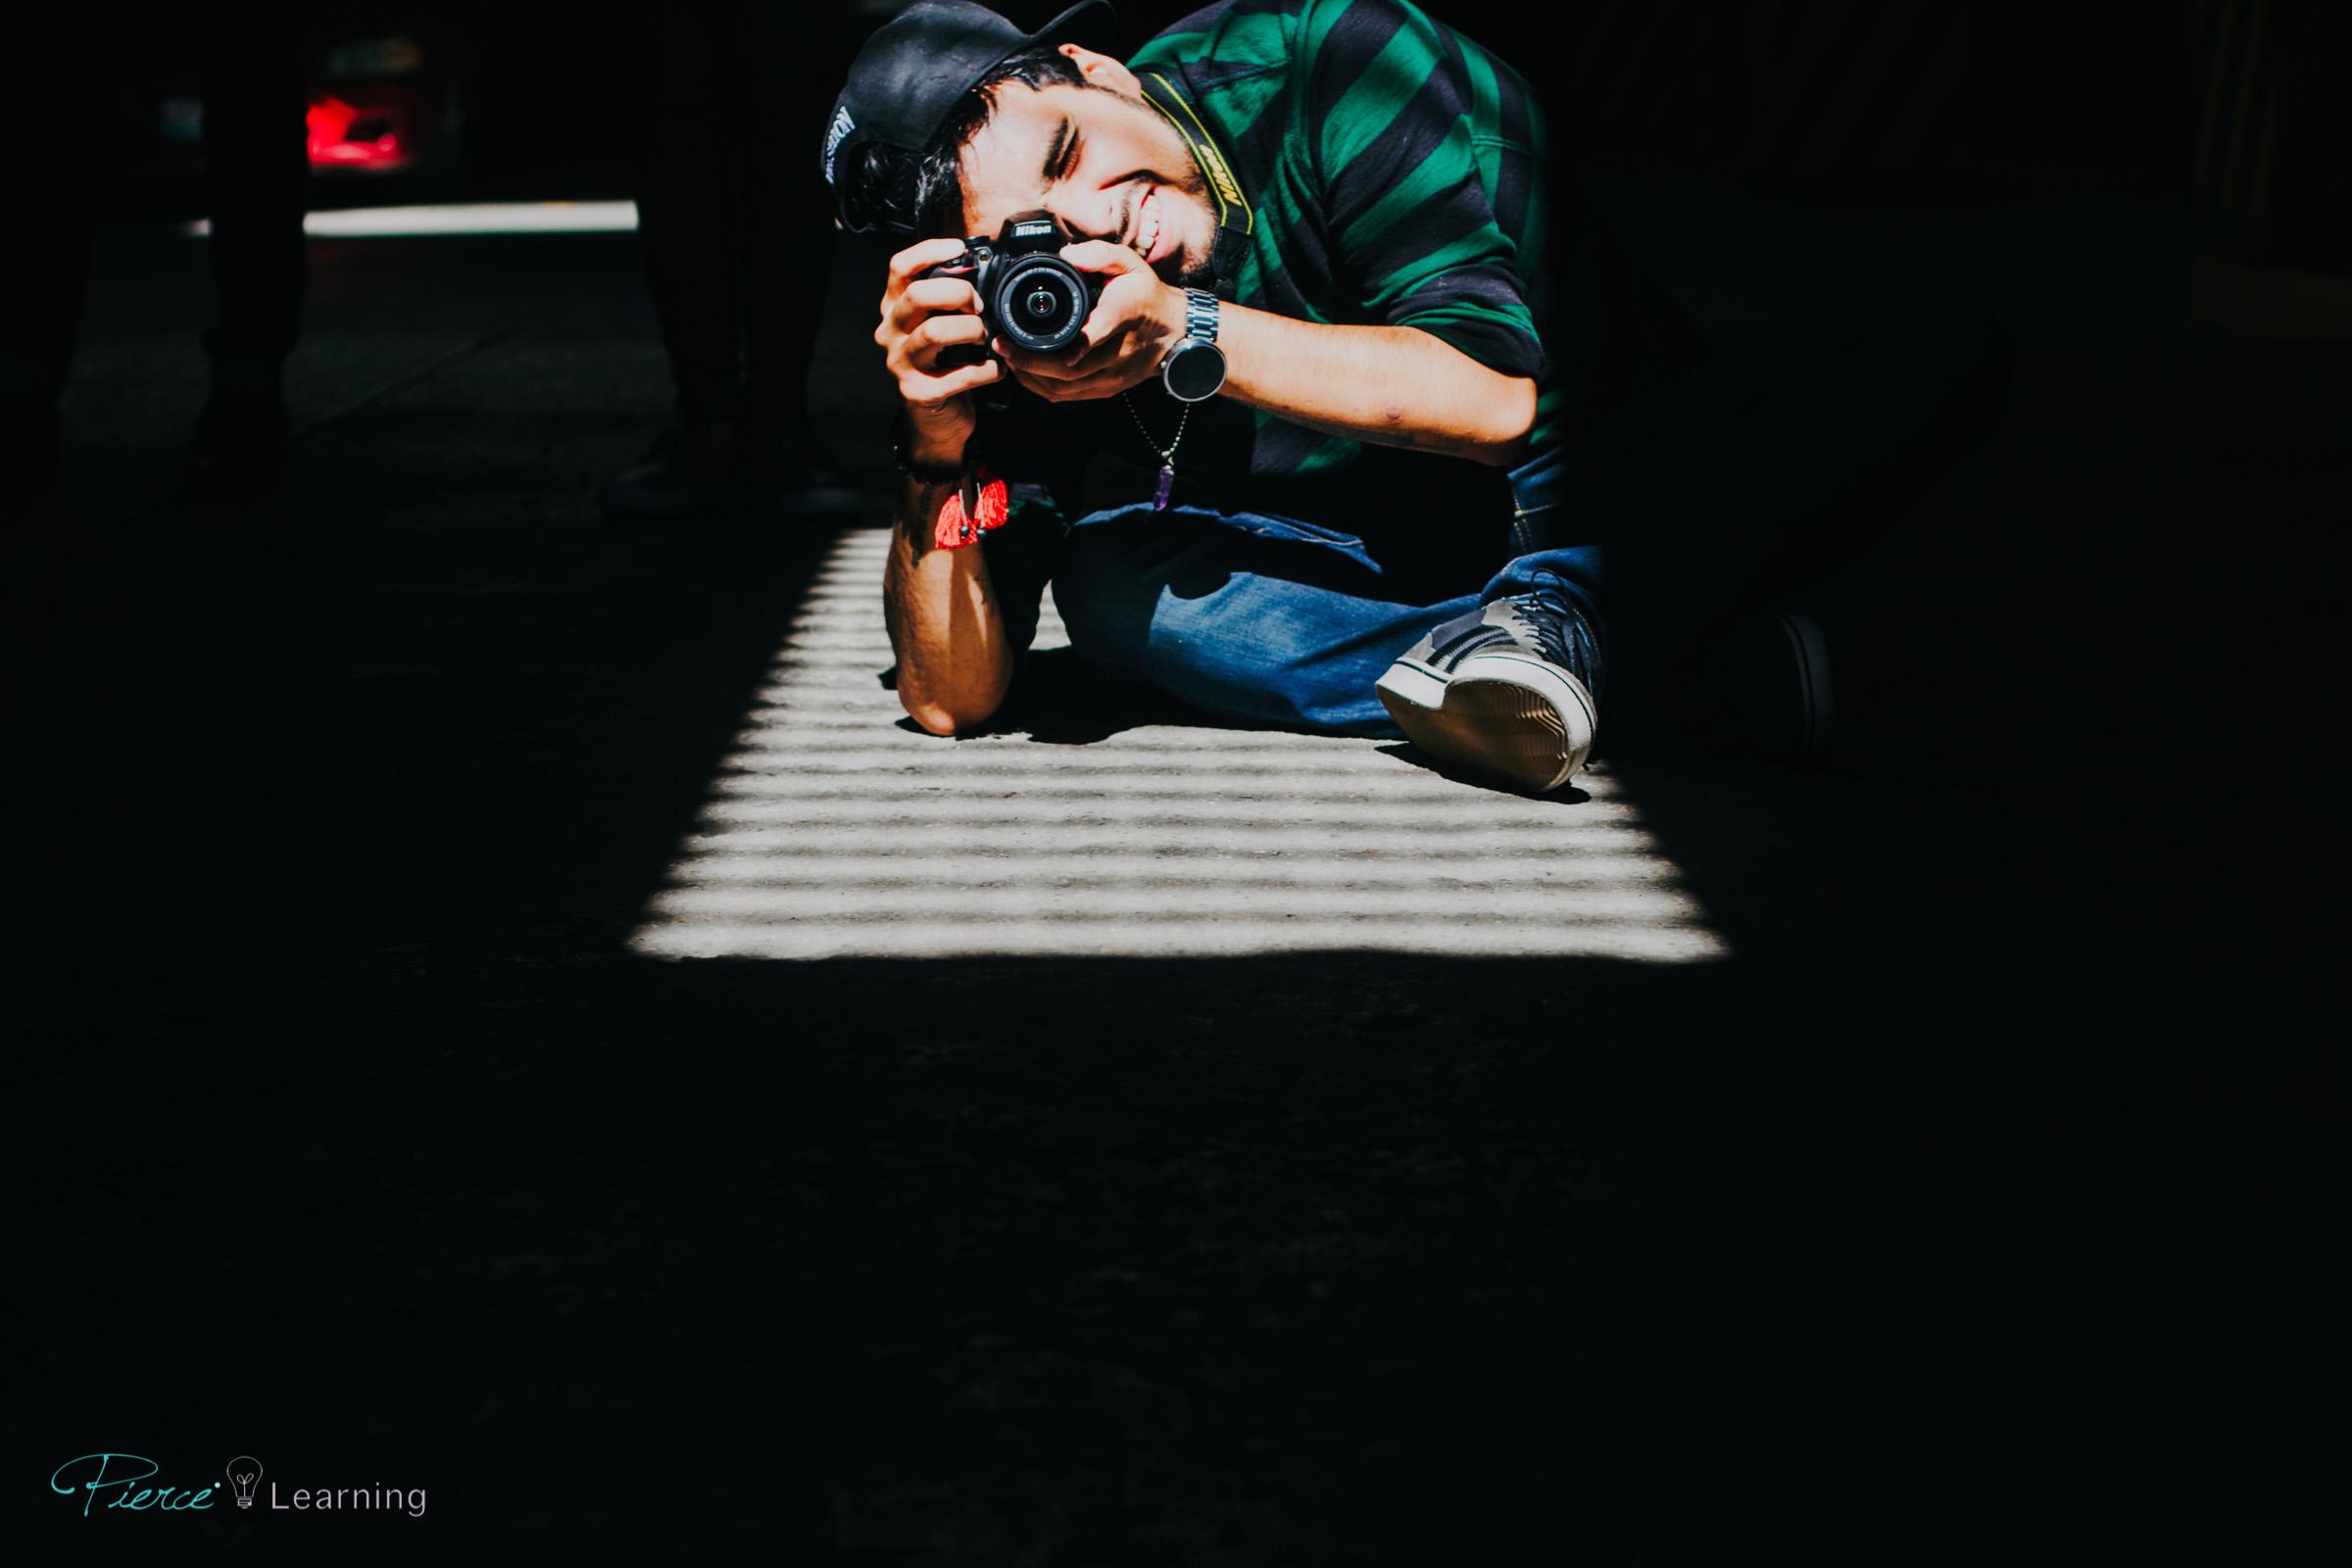 Workshop-Curso-Fotografia-Leon-Guanajuato-Mexico-Pierce-43.jpg